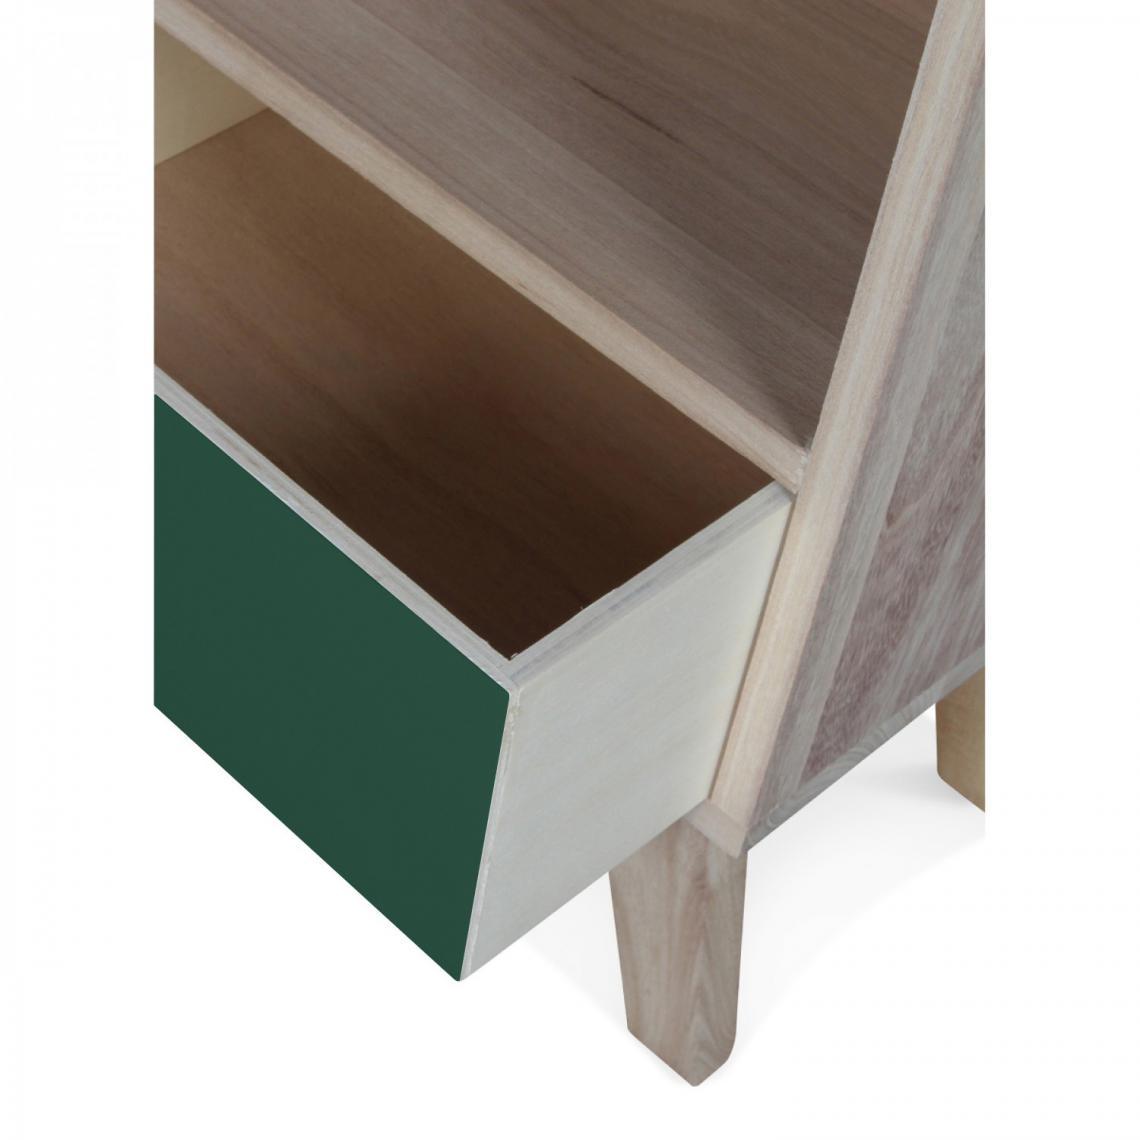 Table de Chevet Bois Vert MONTREAL | 3 SUISSES